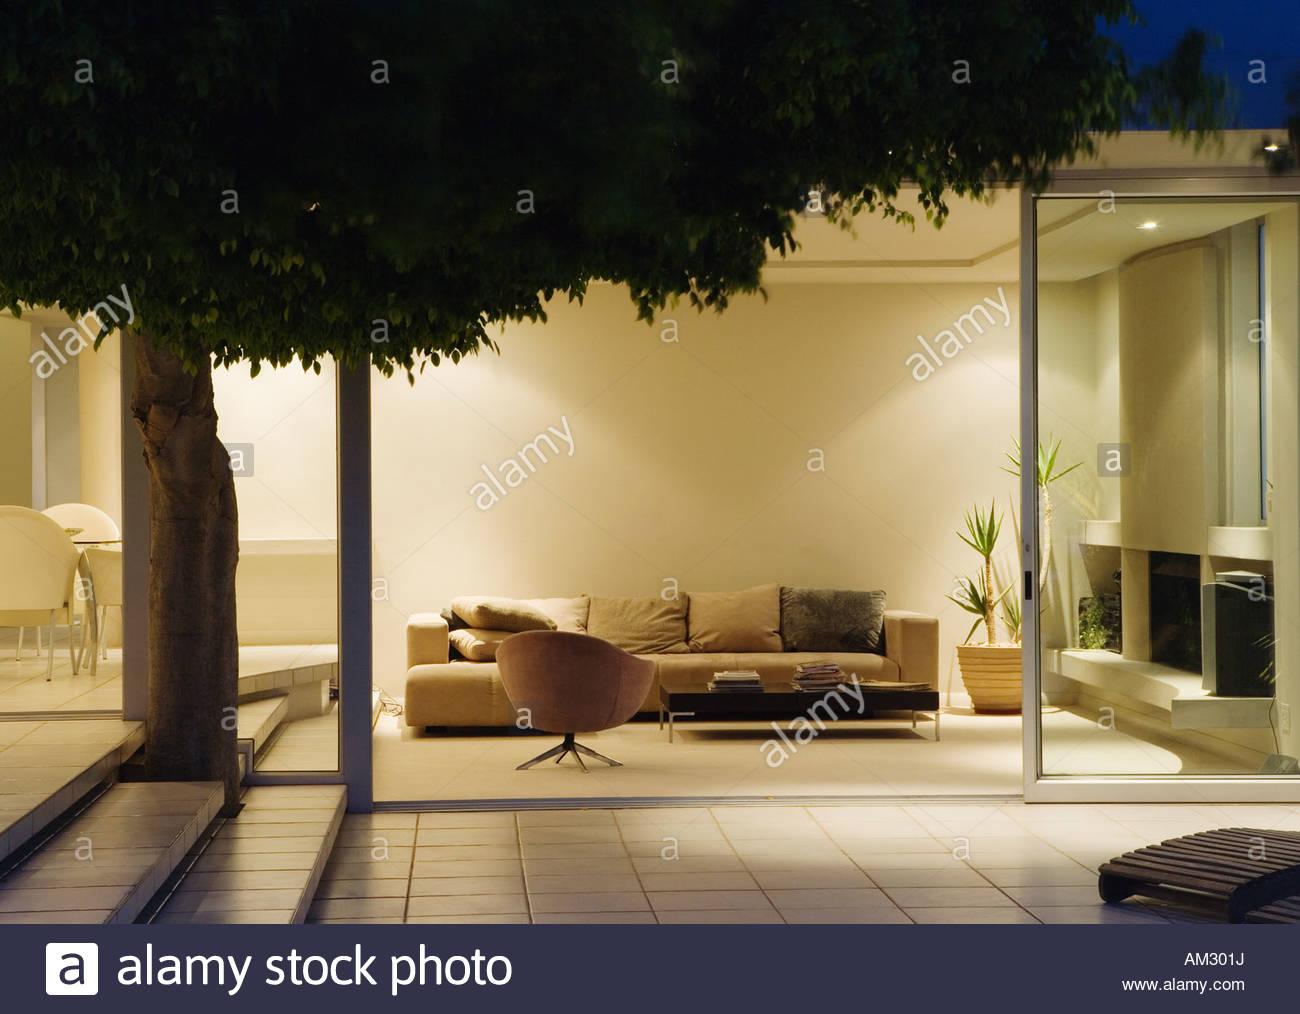 Moderne Wohnzimmer Und Terrasse Mit Verschiebbaren Glaswände